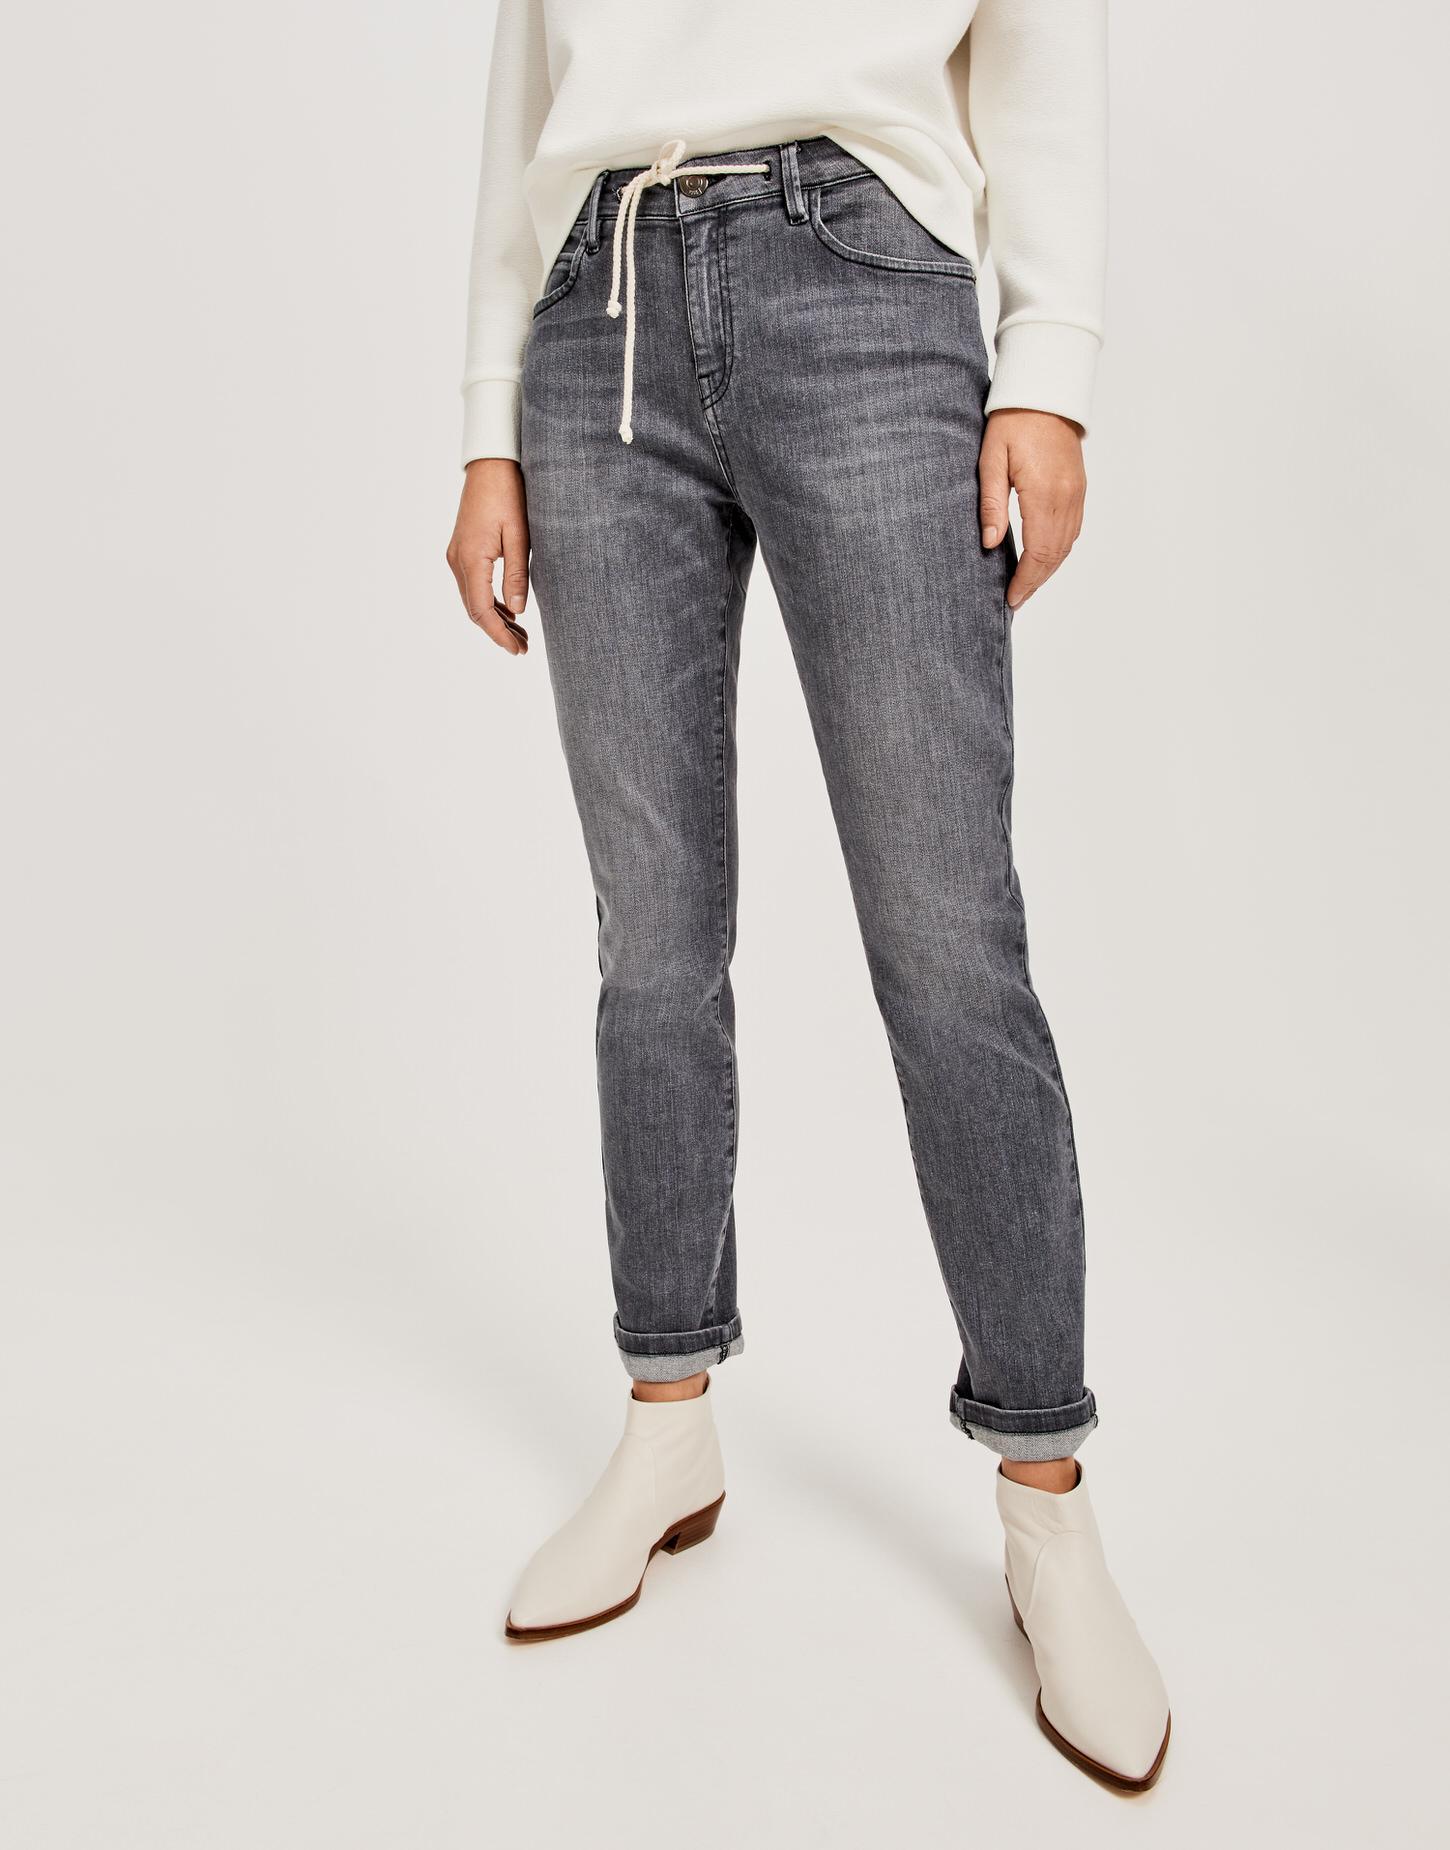 Jeans Louis soft